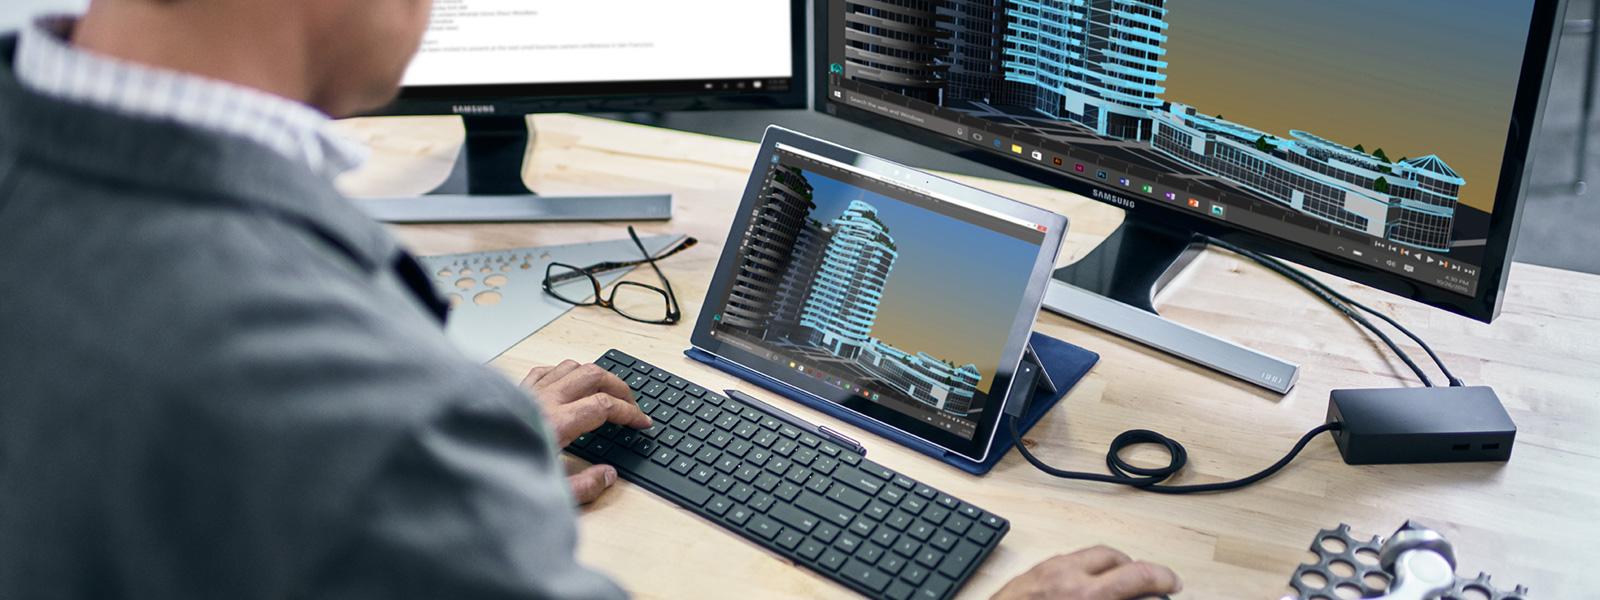 Surface Pro 4 med en stor skärm och tangentbord stär pä ett skrivbord.